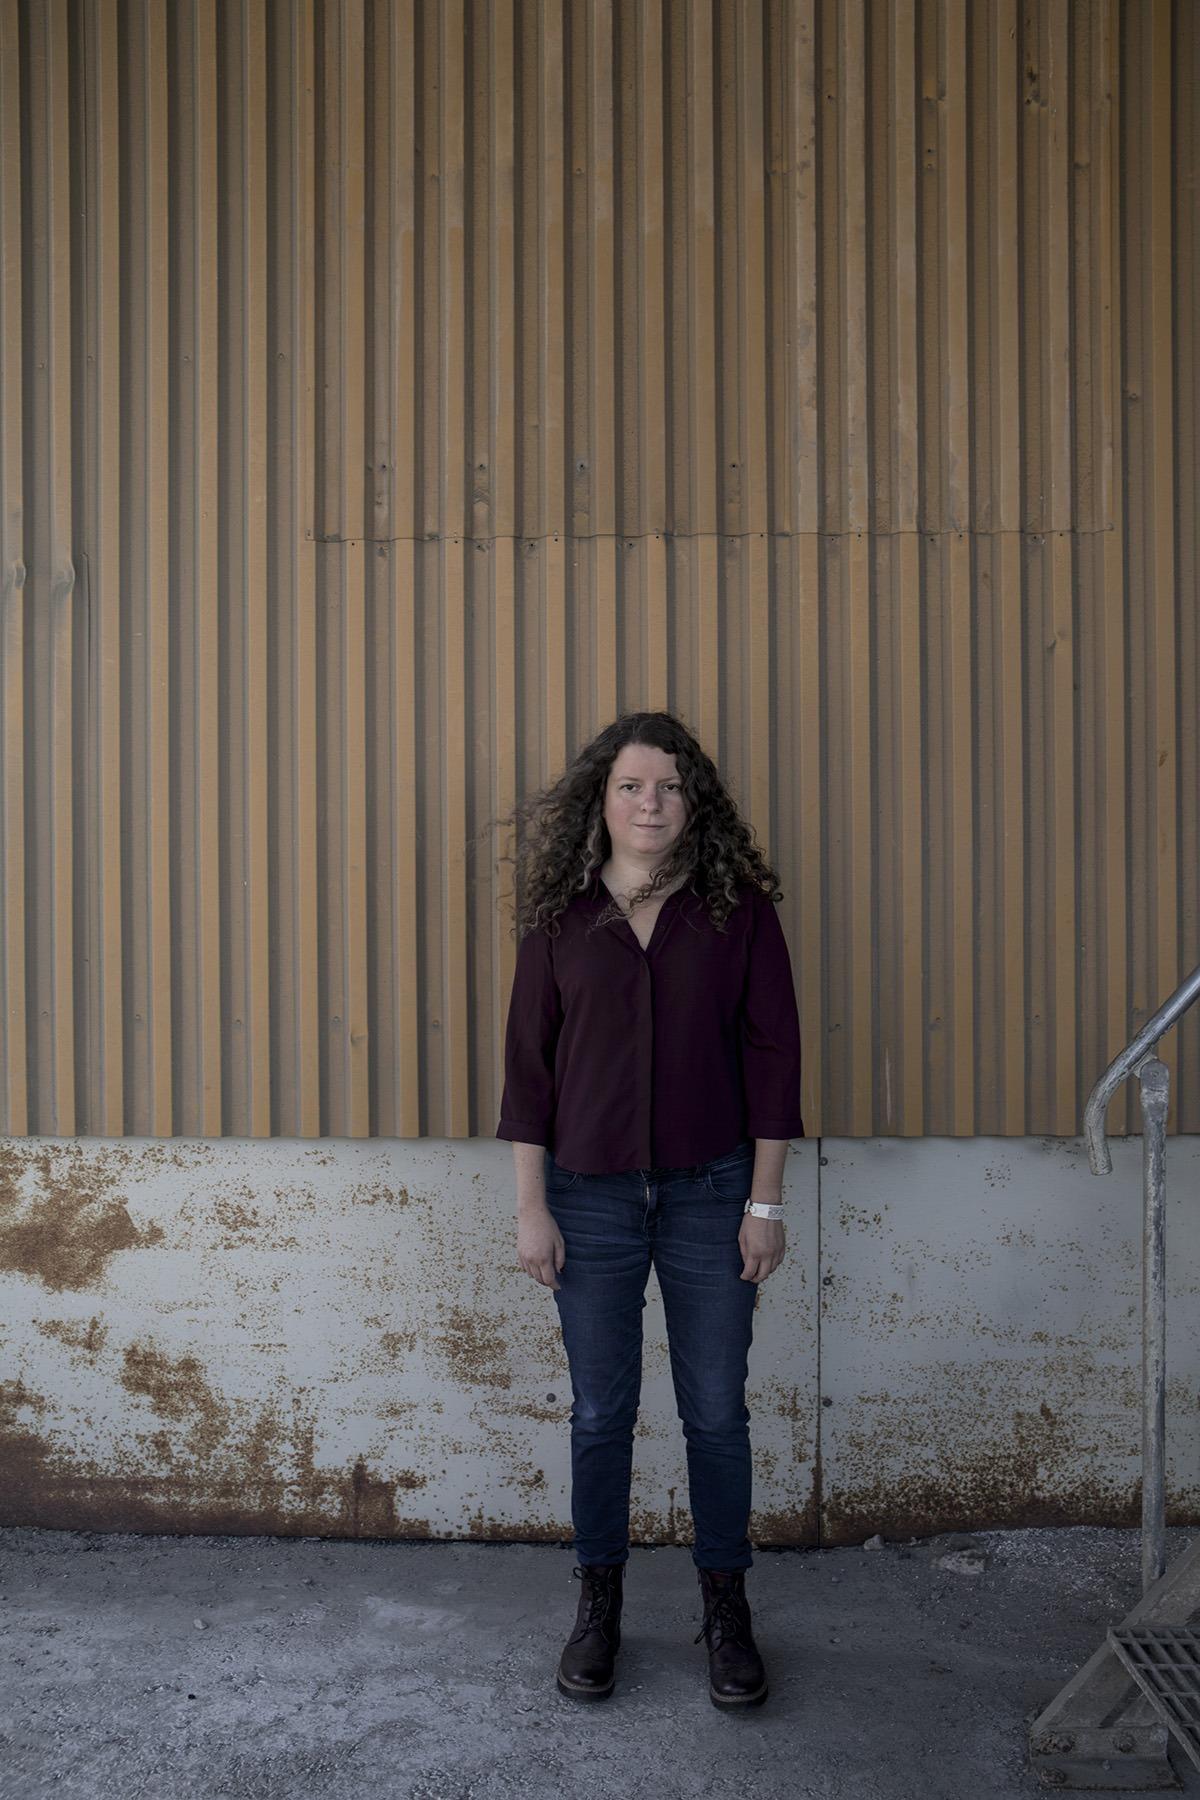 Porträtt på Maria Niemi ståendes framför en gul plåtvägg. Maria har på sig jeans och en vinröd skjorta